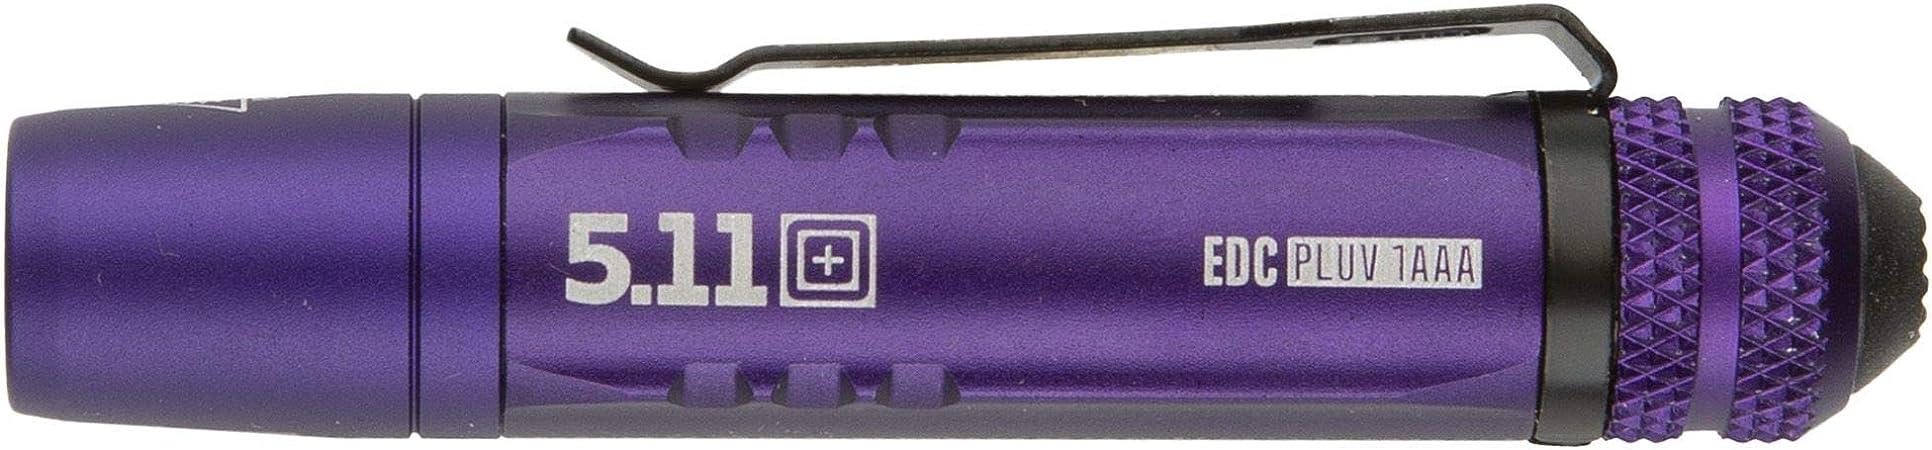 antorcha Ligera Fuerte port/átil de los Modos de la luz 4 de la MAZORCA Recargable del USB para Las Actividades al Aire Libre VGEBY1 Linterna de Mano